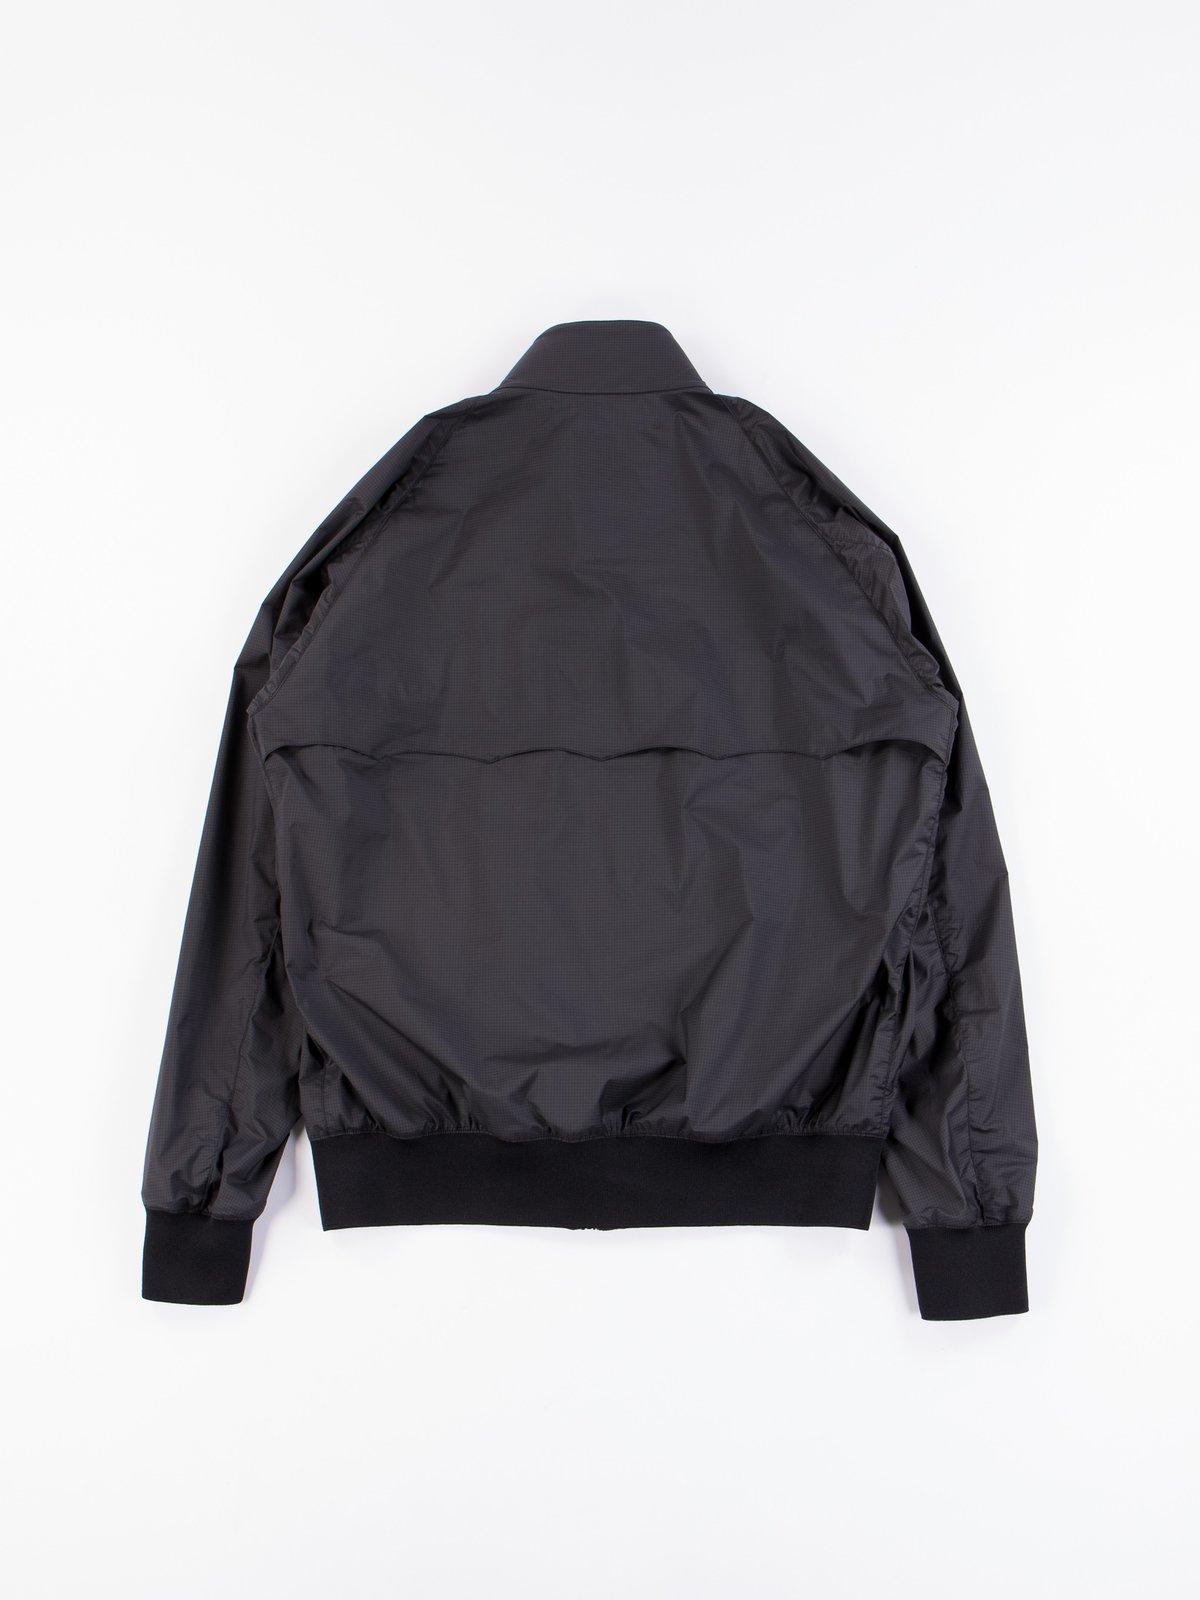 Mini Grey Check G9 EG Jacket - Image 8